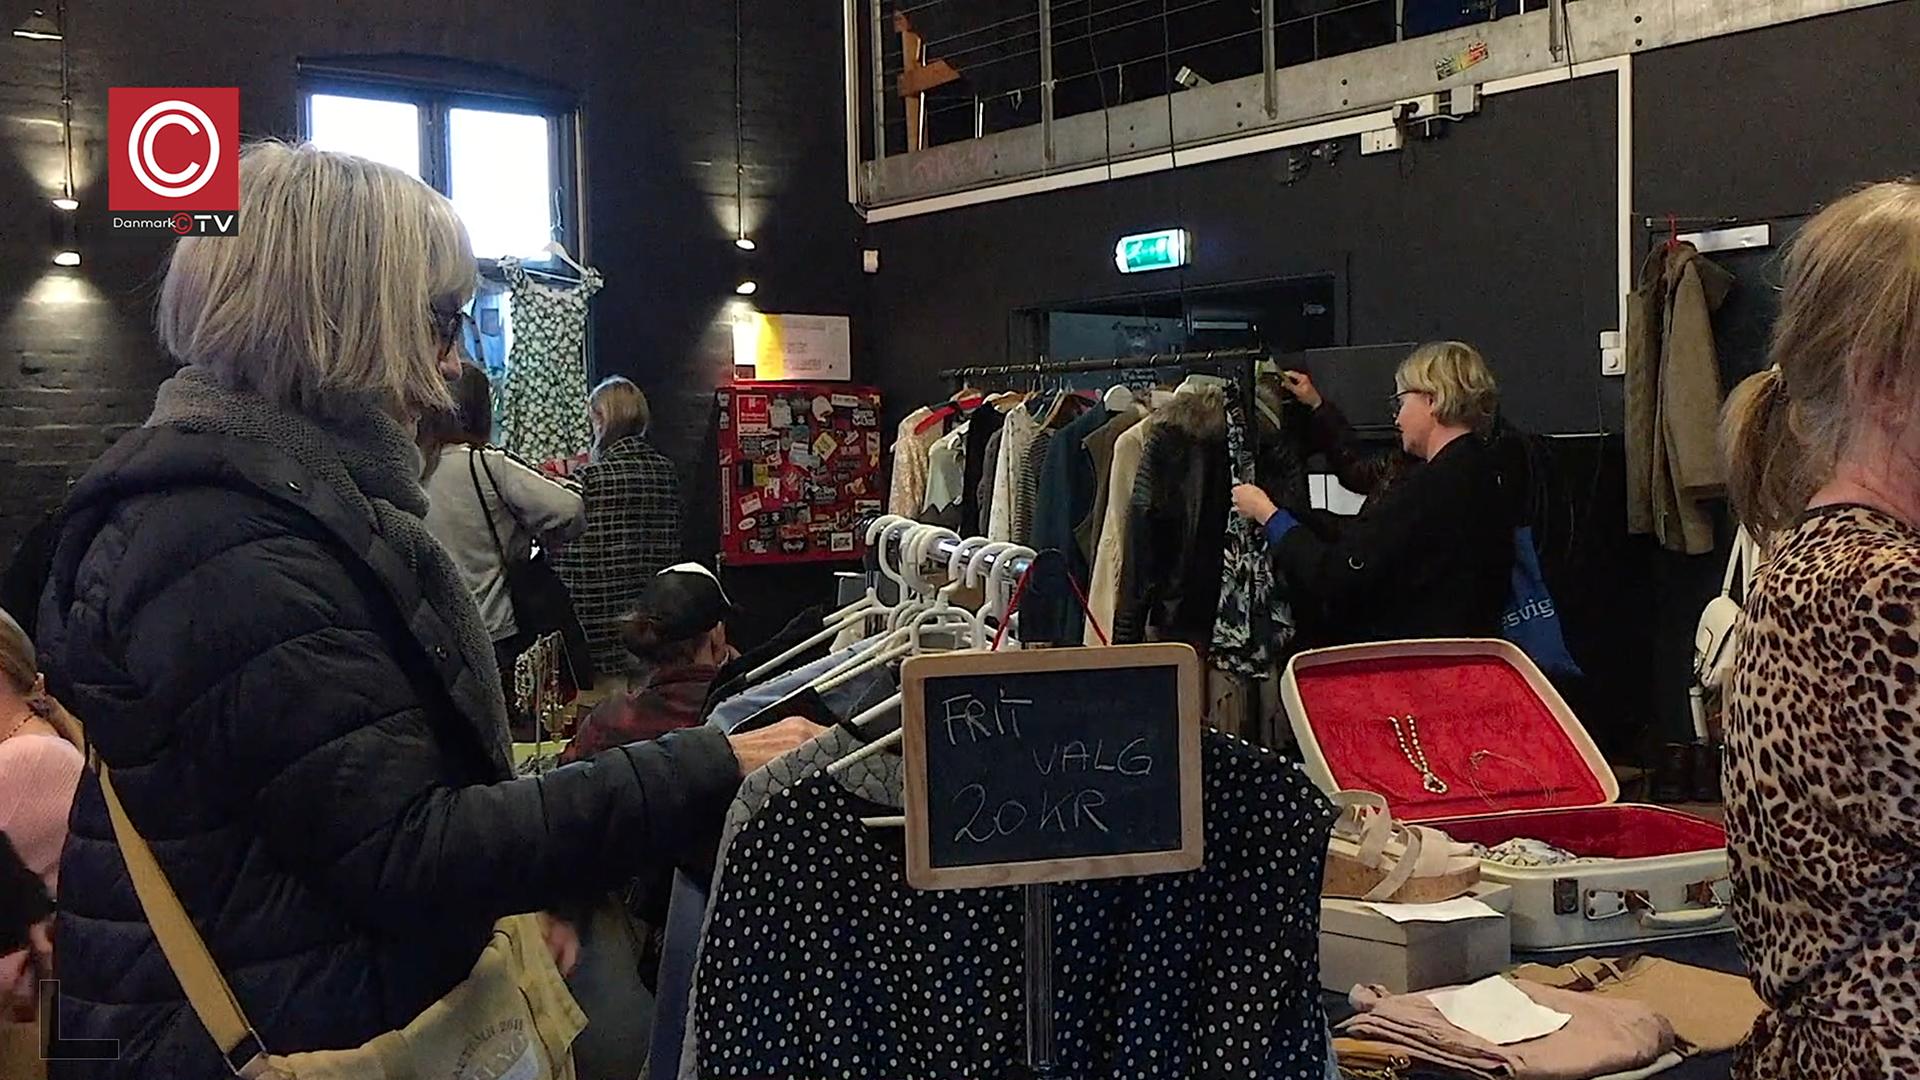 Se tv-indslag: Tre seje tøser lavede et bæredygtigt tøjmarked i Ungdommens hus